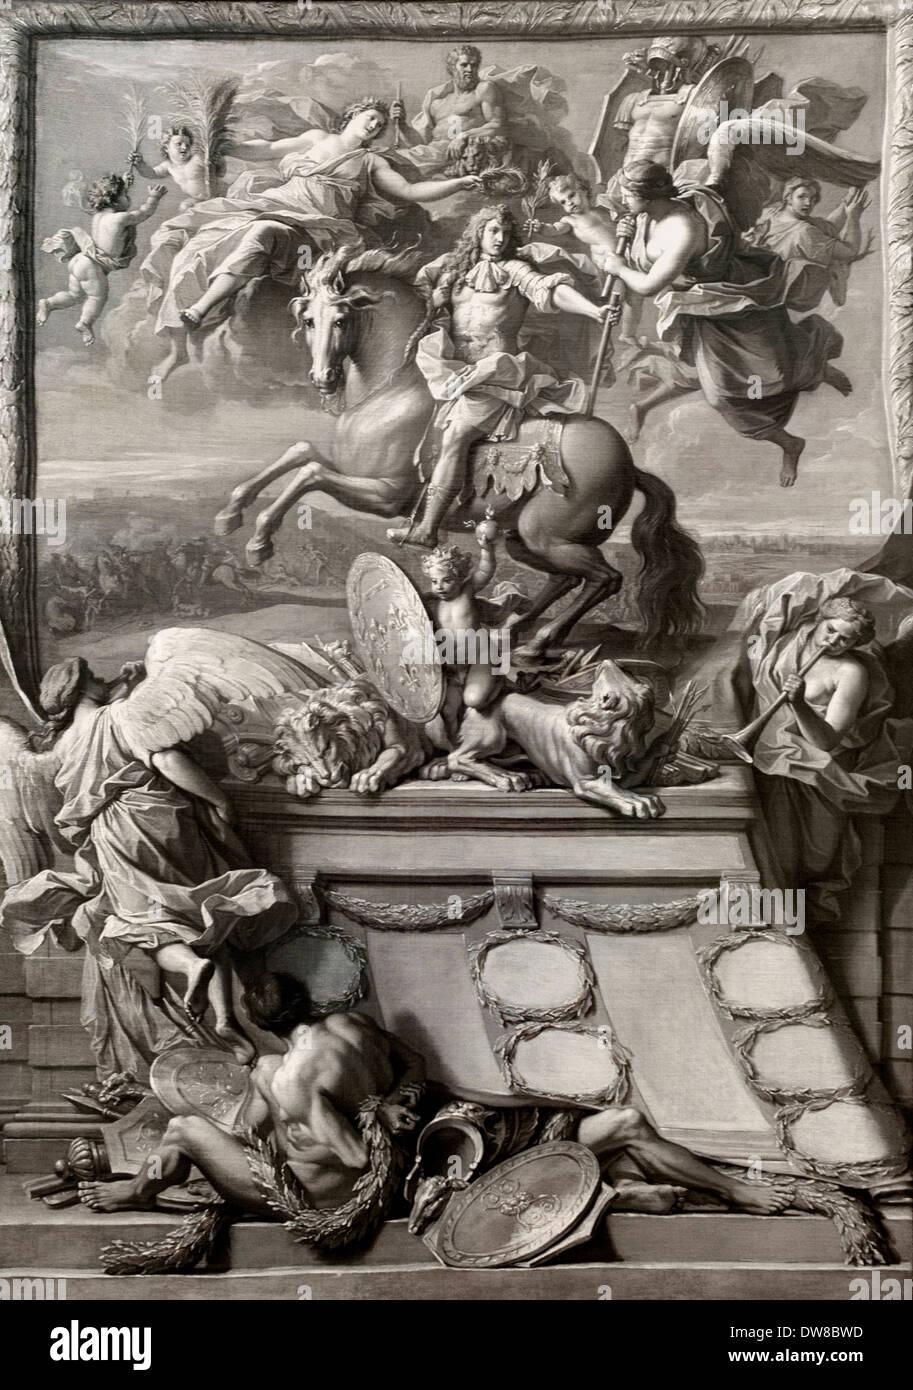 Modèle pour une thèse feuille avec la glorification du duc Philippe d'Orléans1678 Noël Coypel 1628 - 1707 France Photo Stock